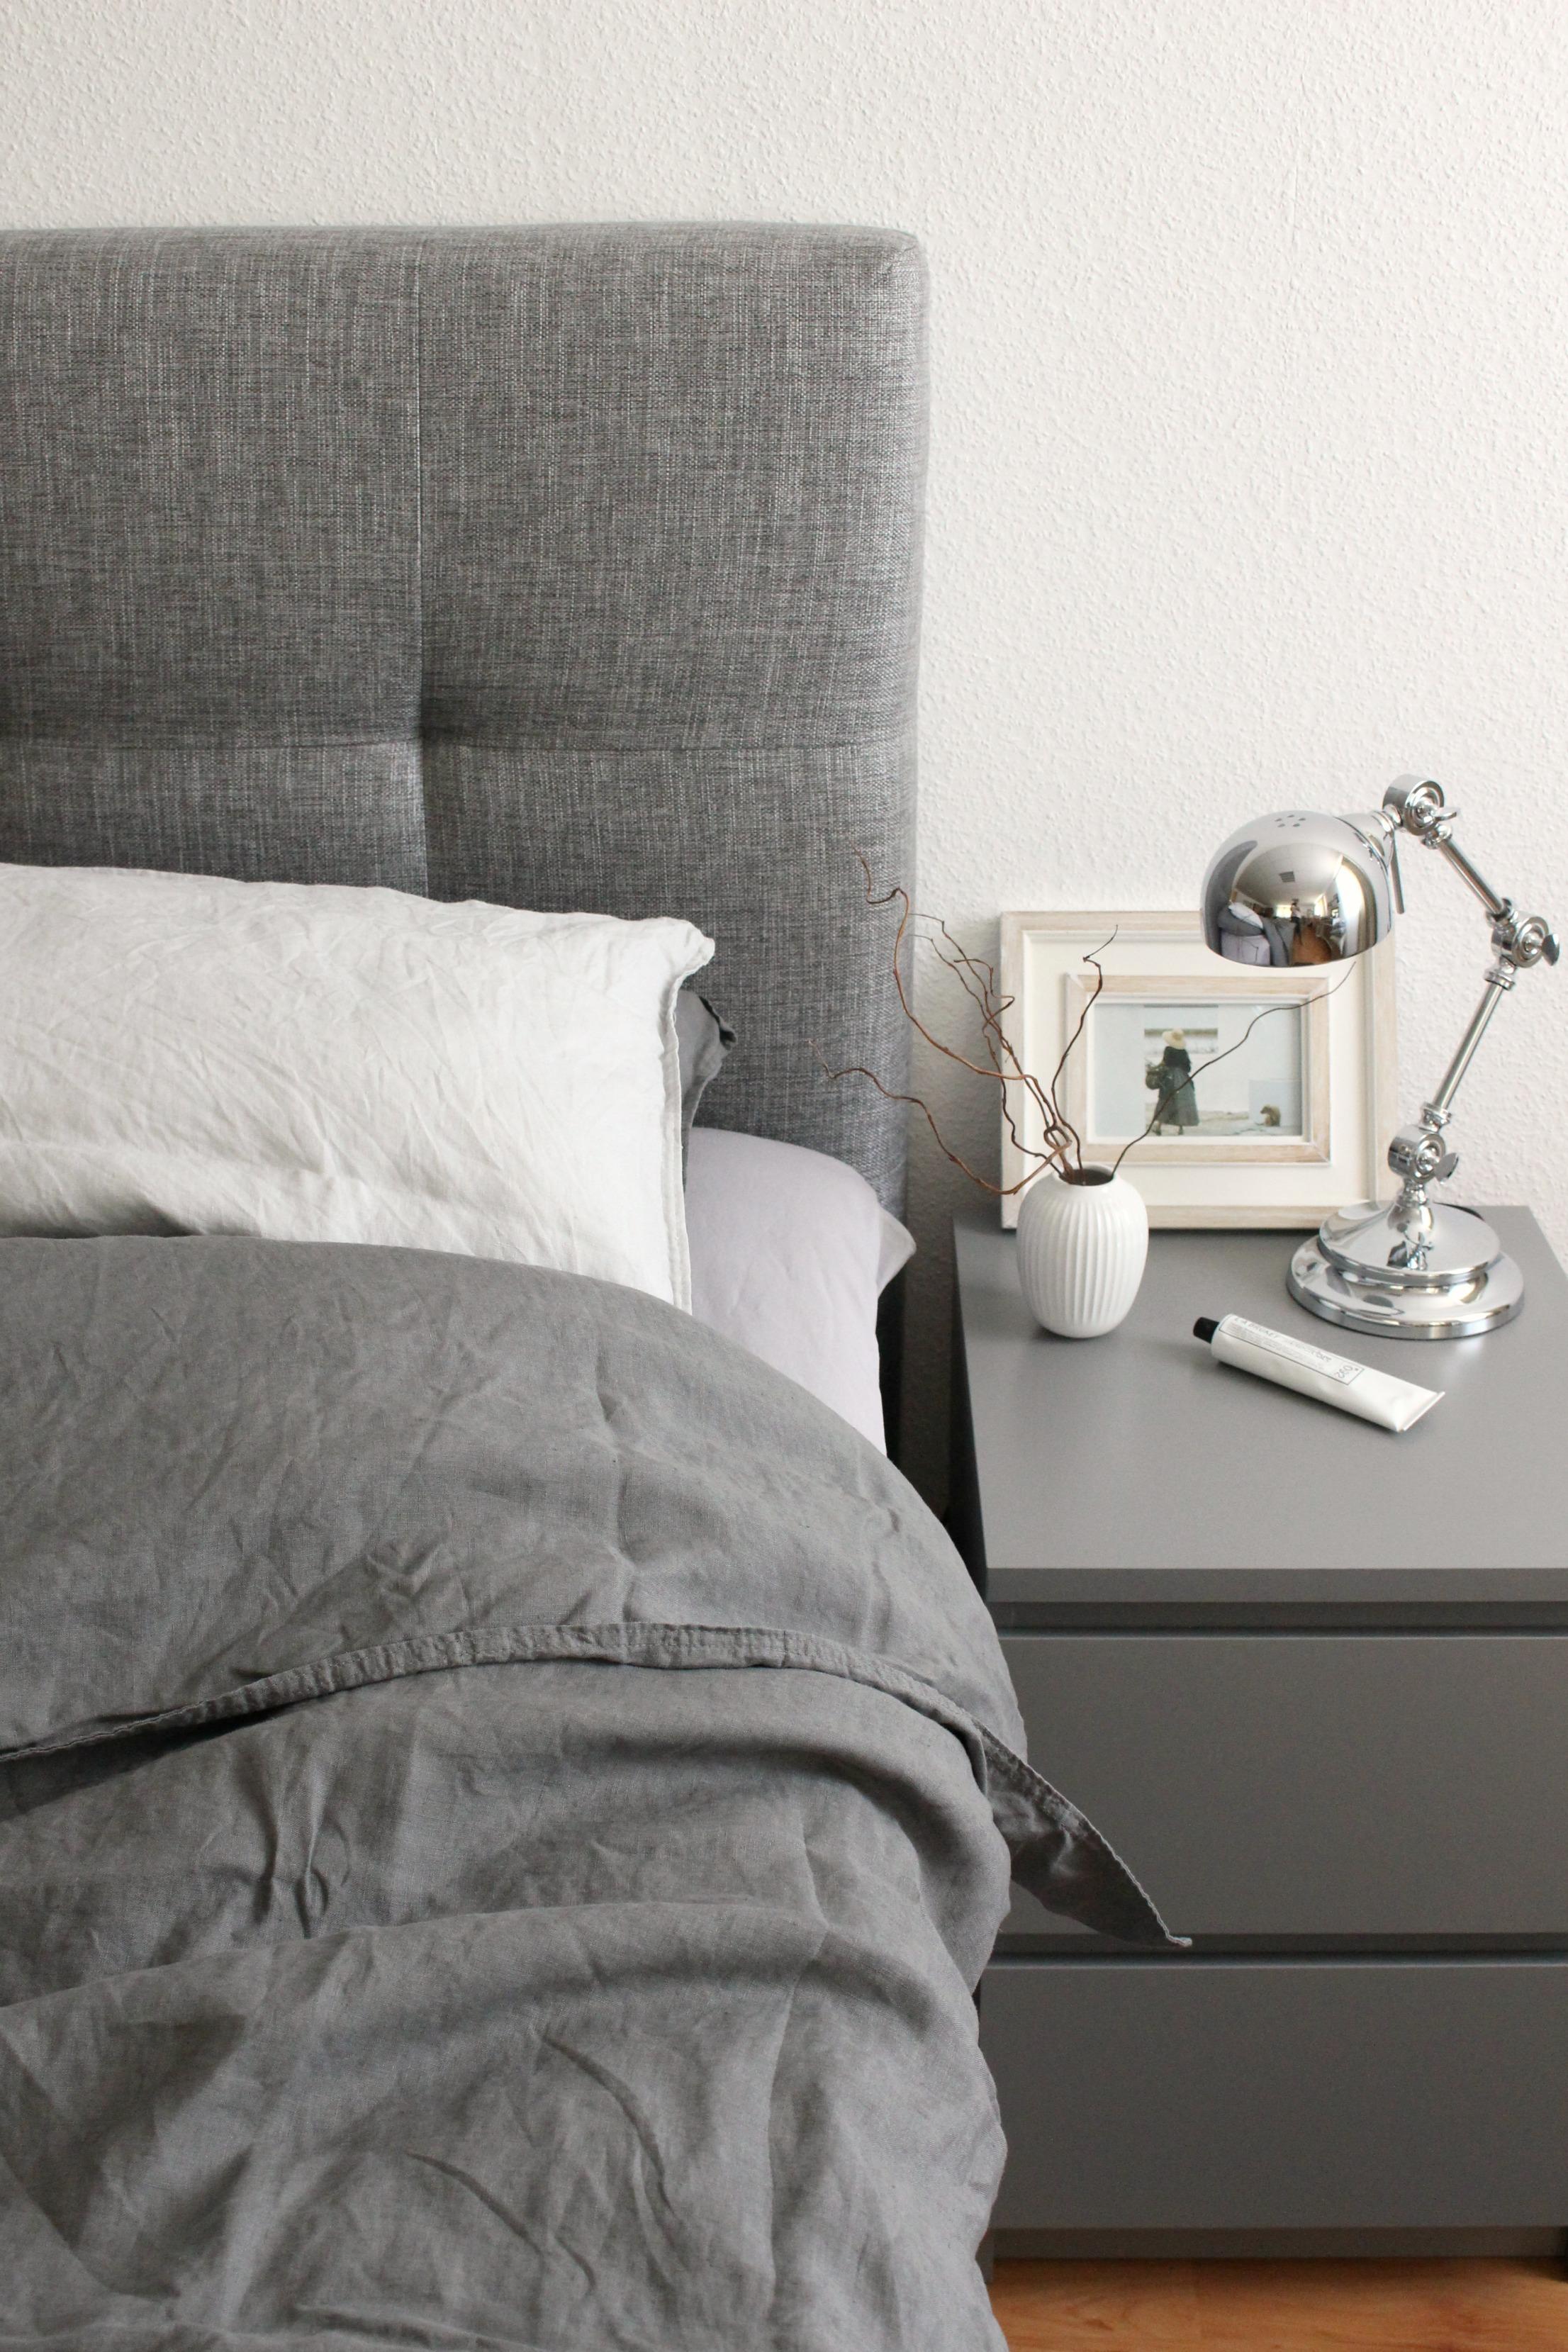 Schlafzimmer mit boxspringbett  Boxspringbett • Bilder & Ideen • COUCHstyle